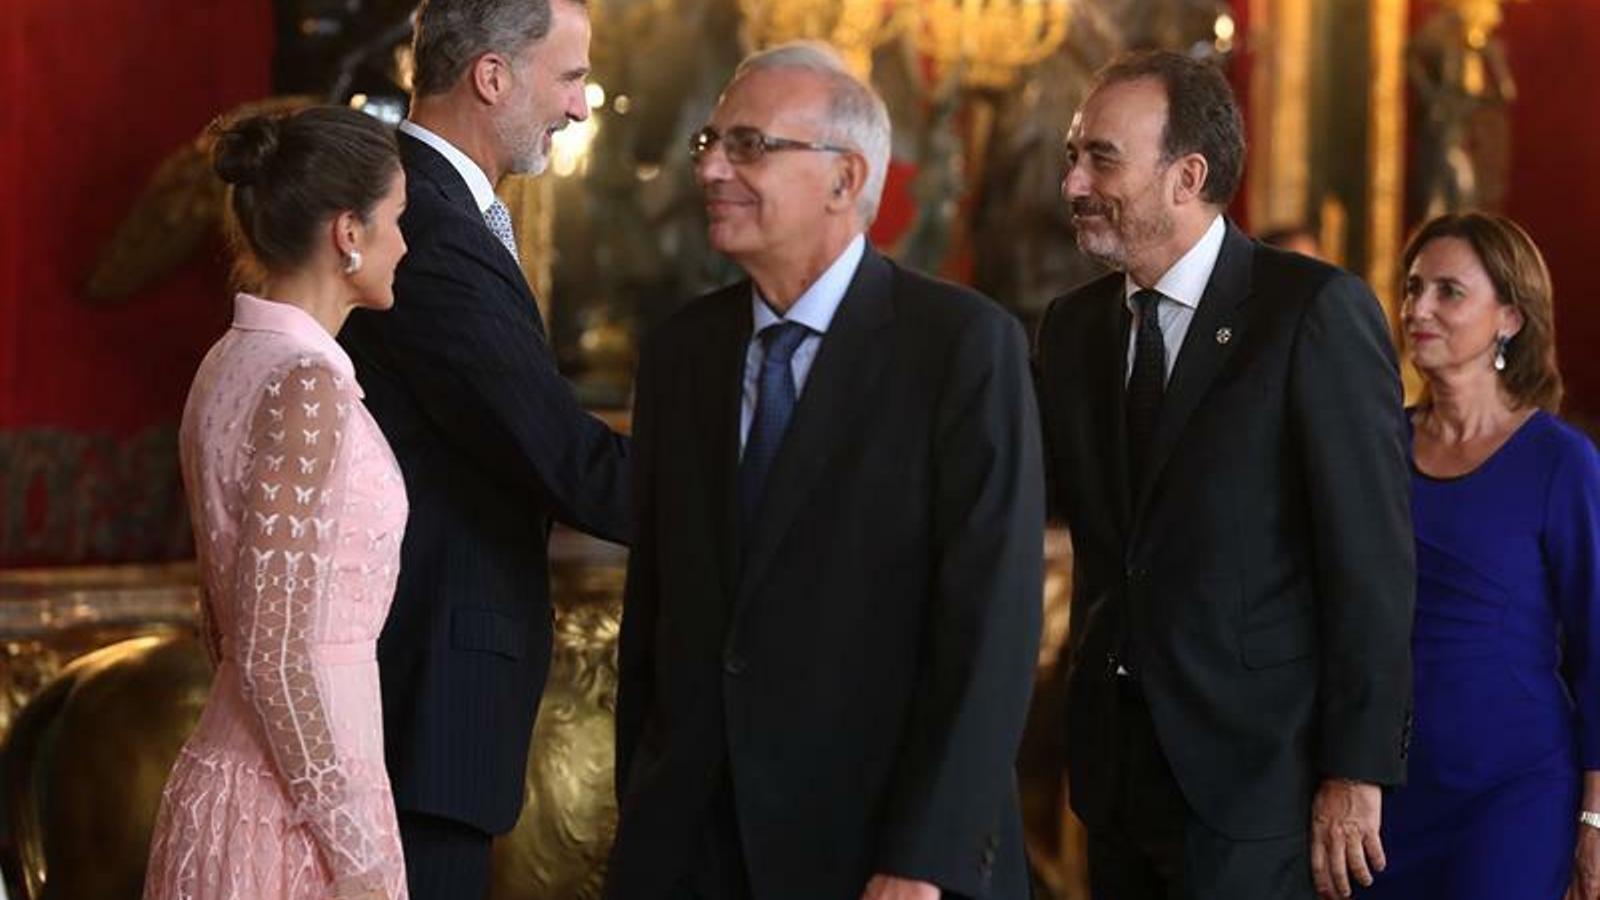 Manuel Marchena saludant Felip VI en la rebuda al Palau Real de Madrid